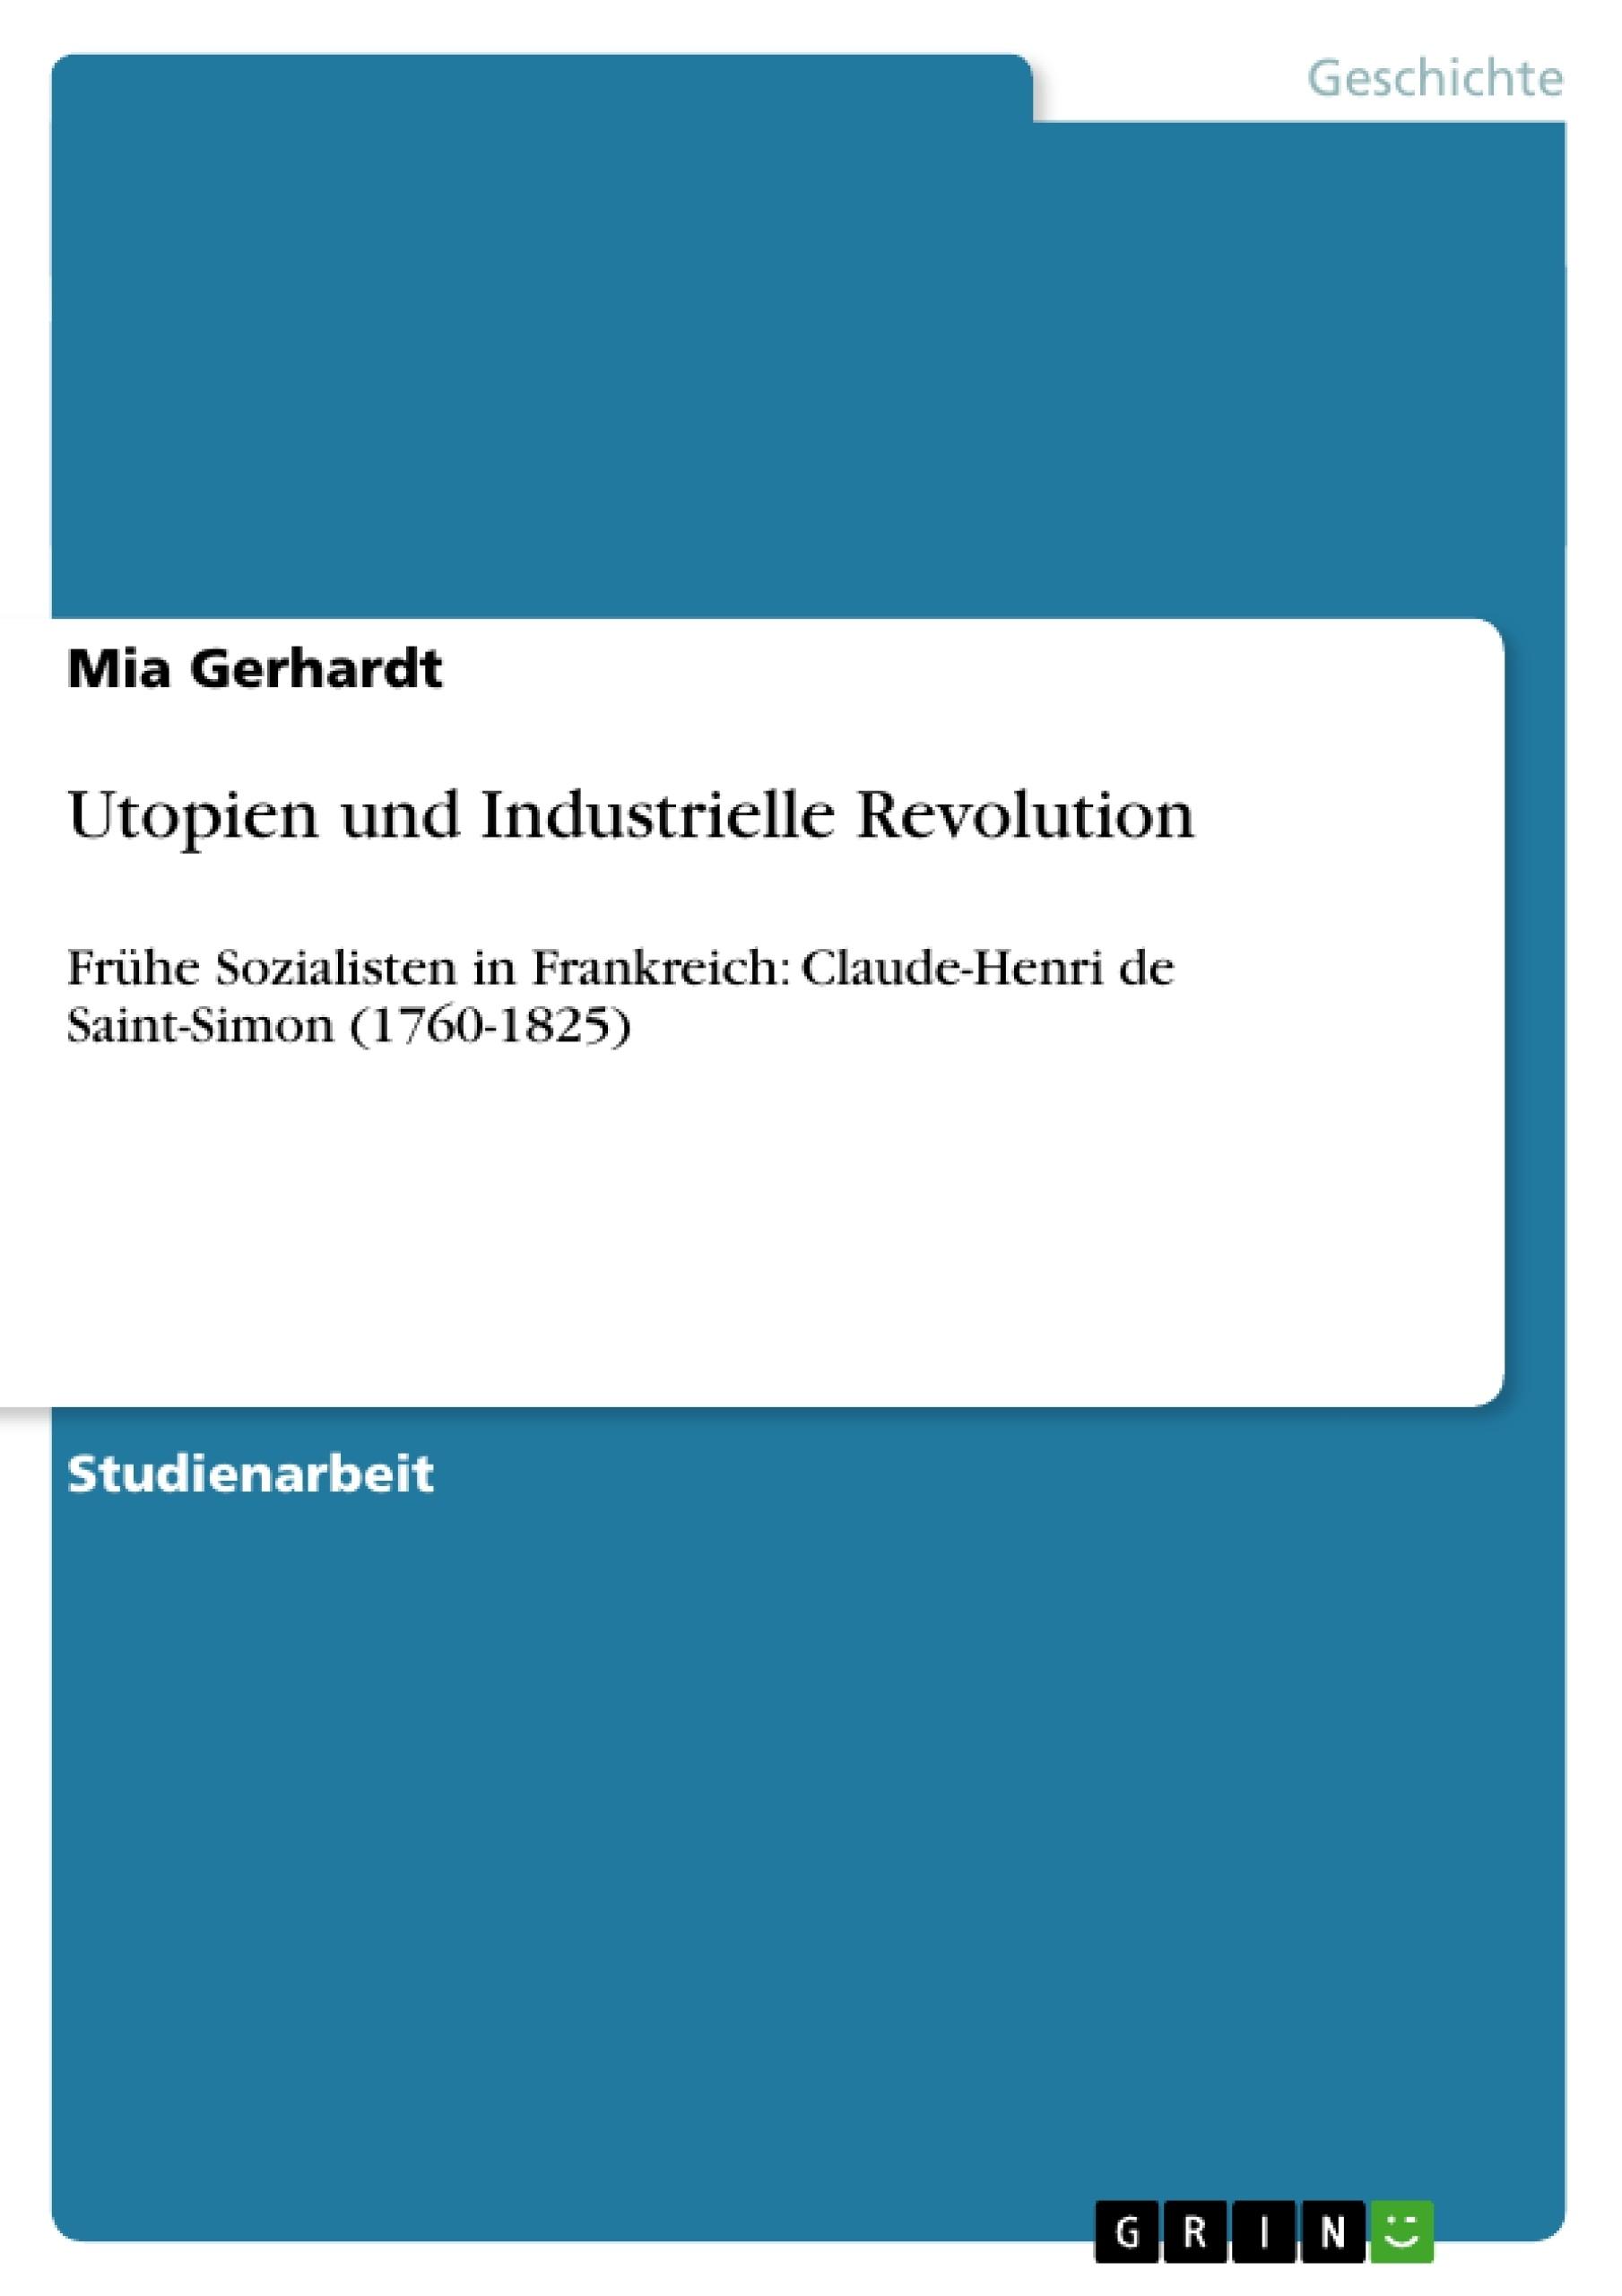 Titel: Utopien und Industrielle Revolution